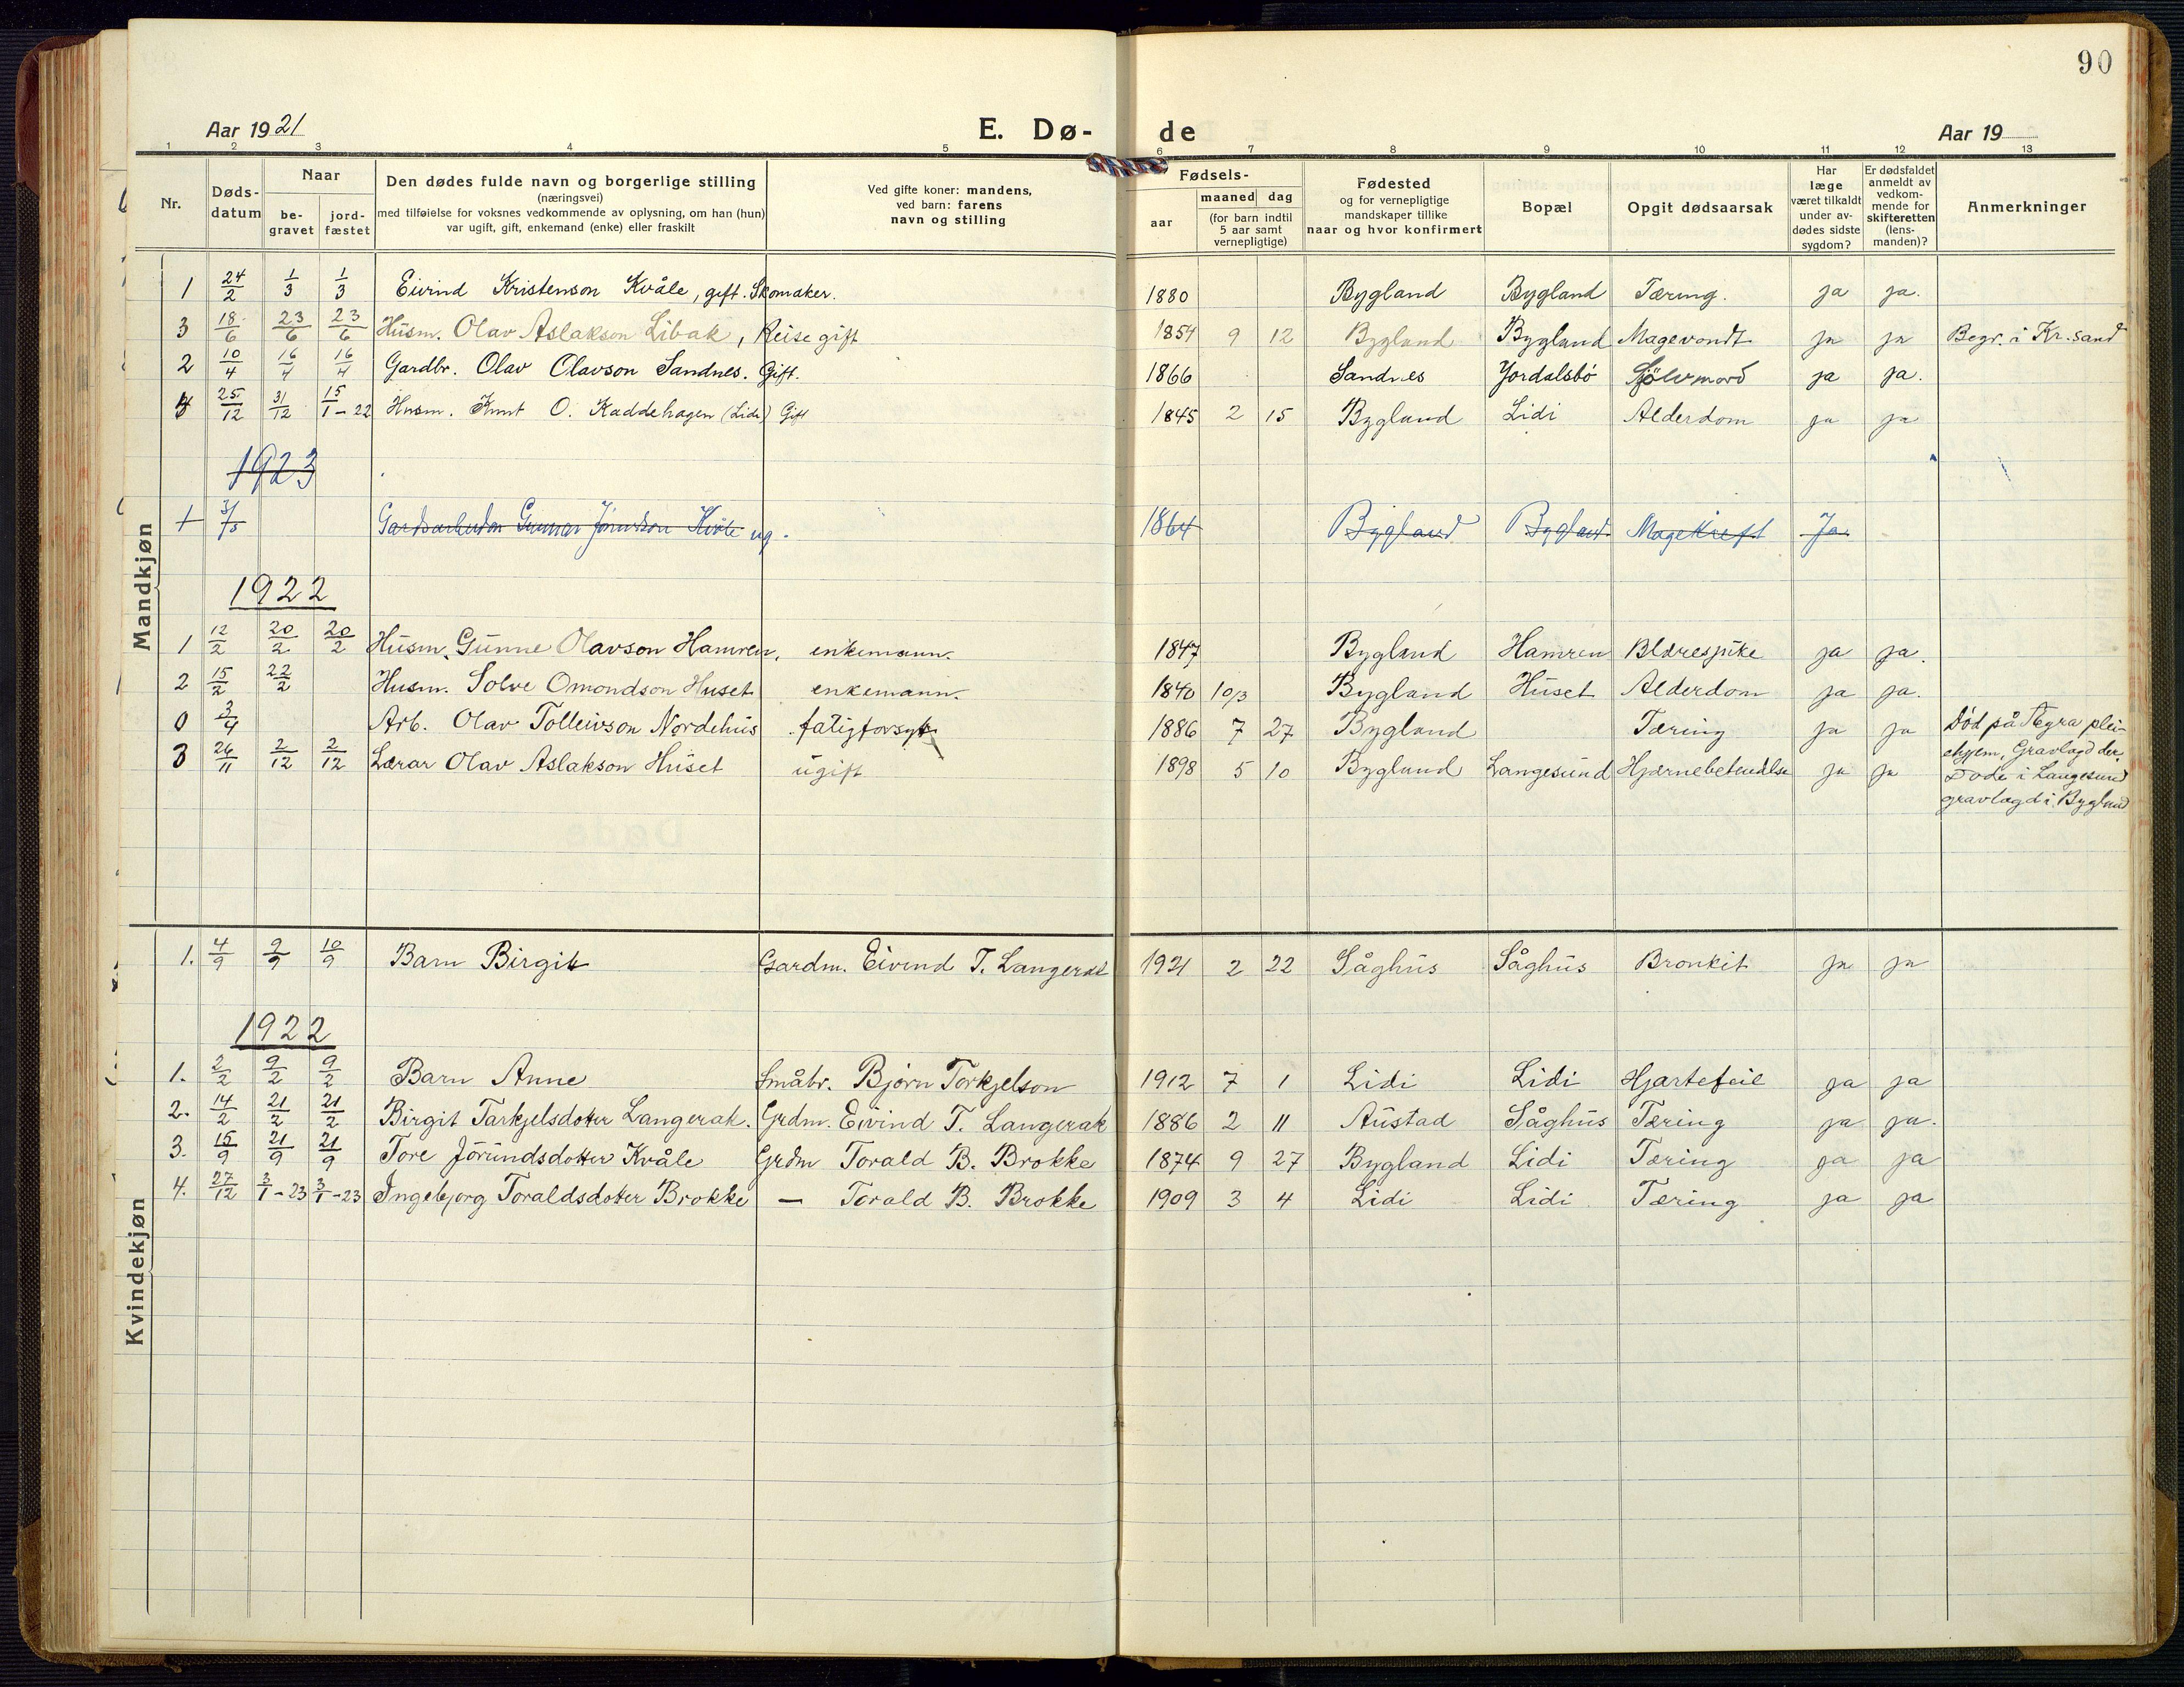 SAK, Bygland sokneprestkontor, F/Fb/Fbb/L0005: Klokkerbok nr. B 5, 1920-1955, s. 90